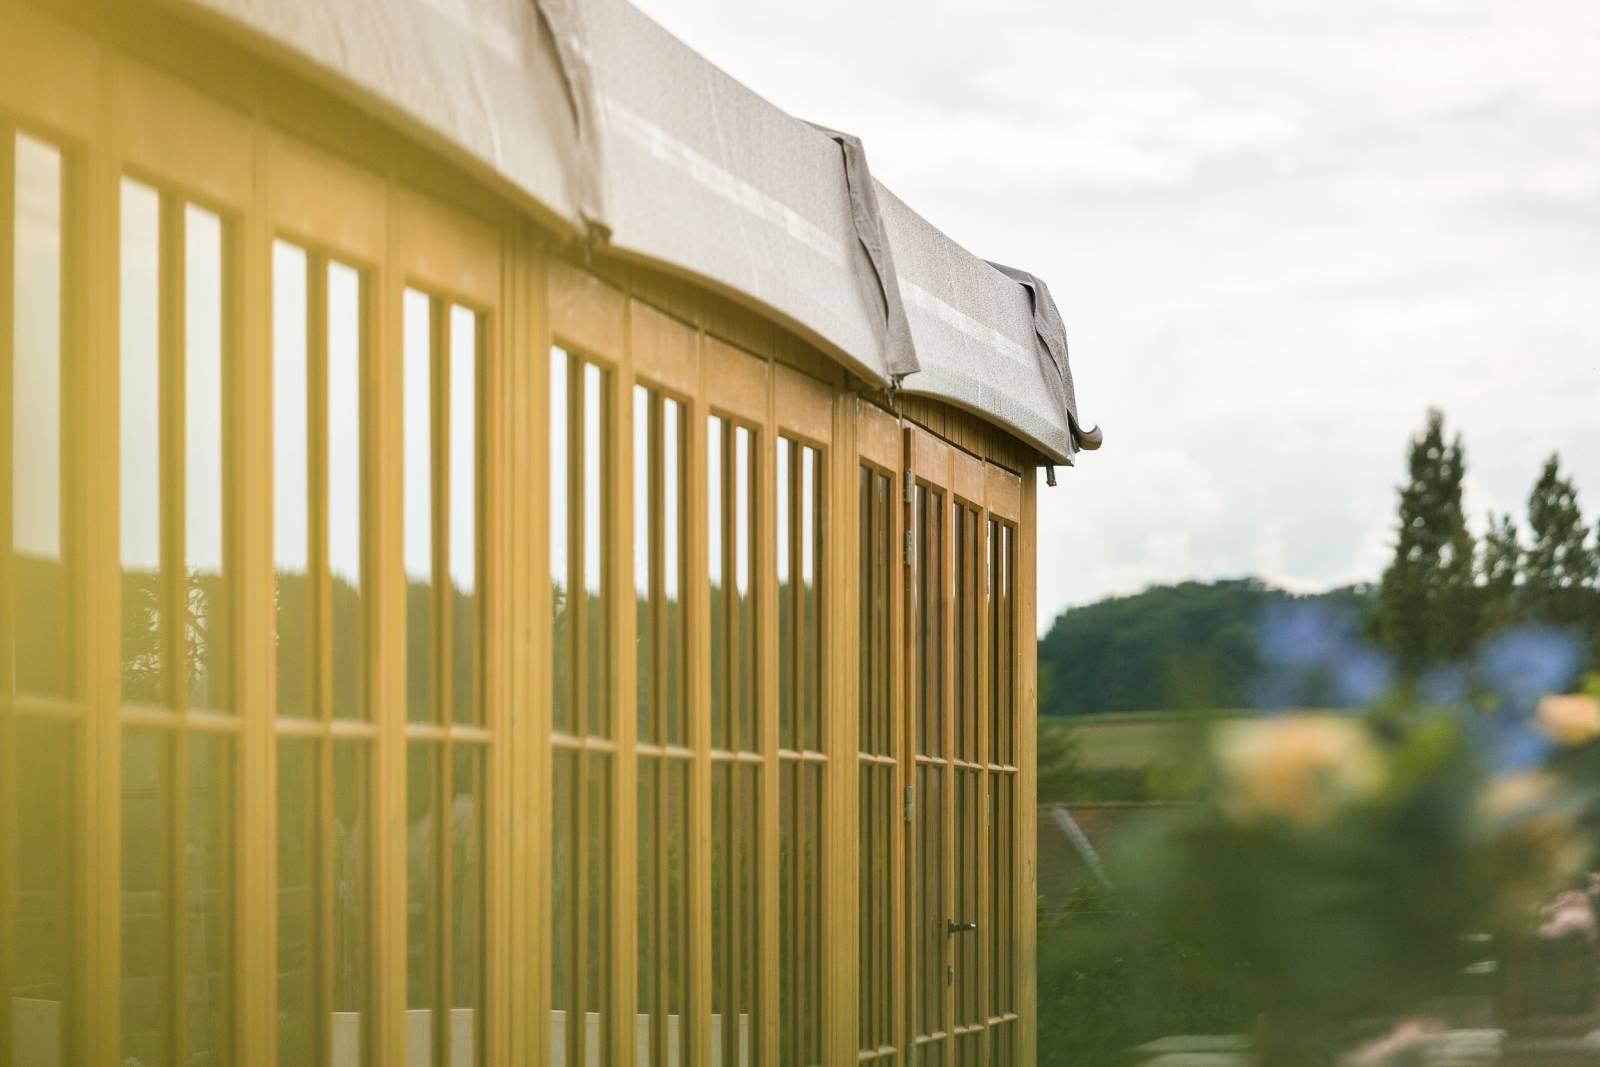 Tentmoment - Feesttent - Tent Event - Verhuur Tenten - Fotograaf Jurgen De Witte - House of Events - 10